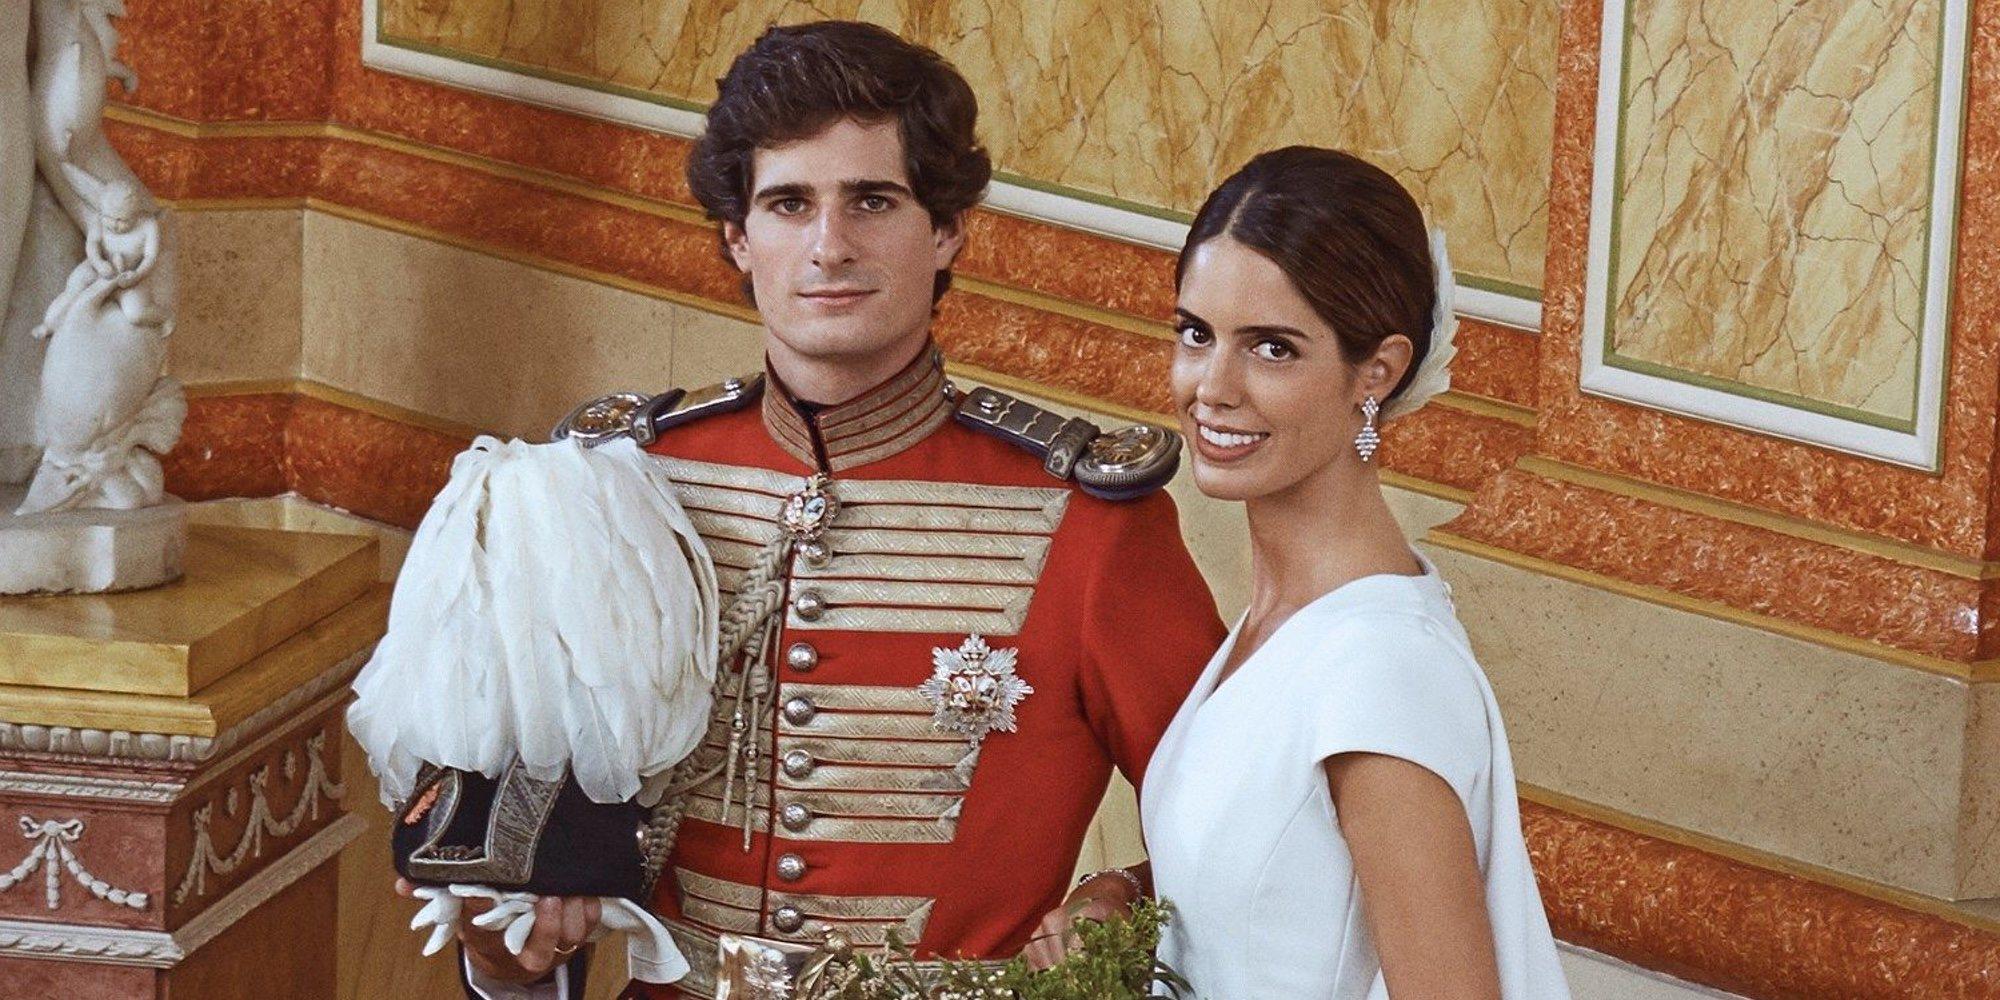 La pelea en la Casa de Alba que provocó que Sofía Palazuelo no llevara tiara en su boda con Fernando Fitz-James Stuart